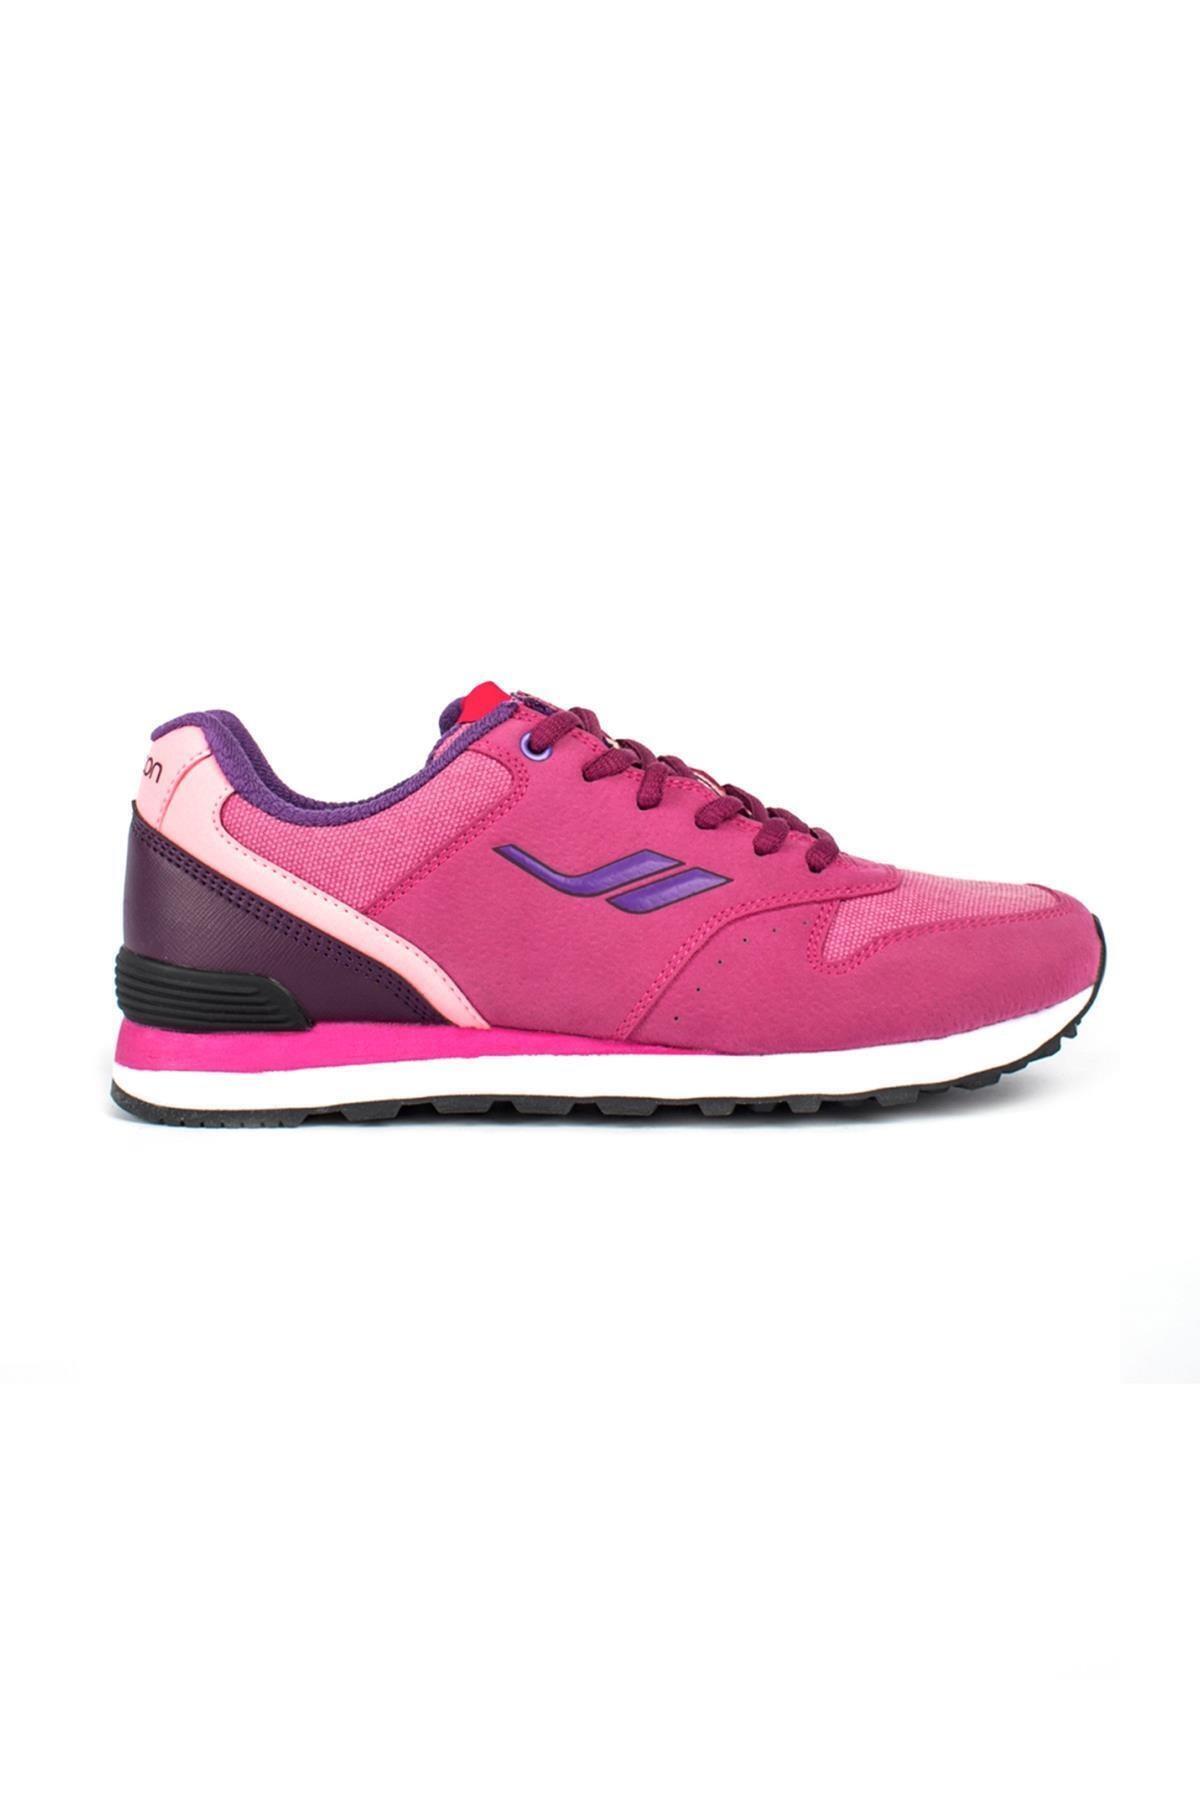 Lescon Kadın Pembe Sneakers Günlük Spor Ayakkabı L5618 1